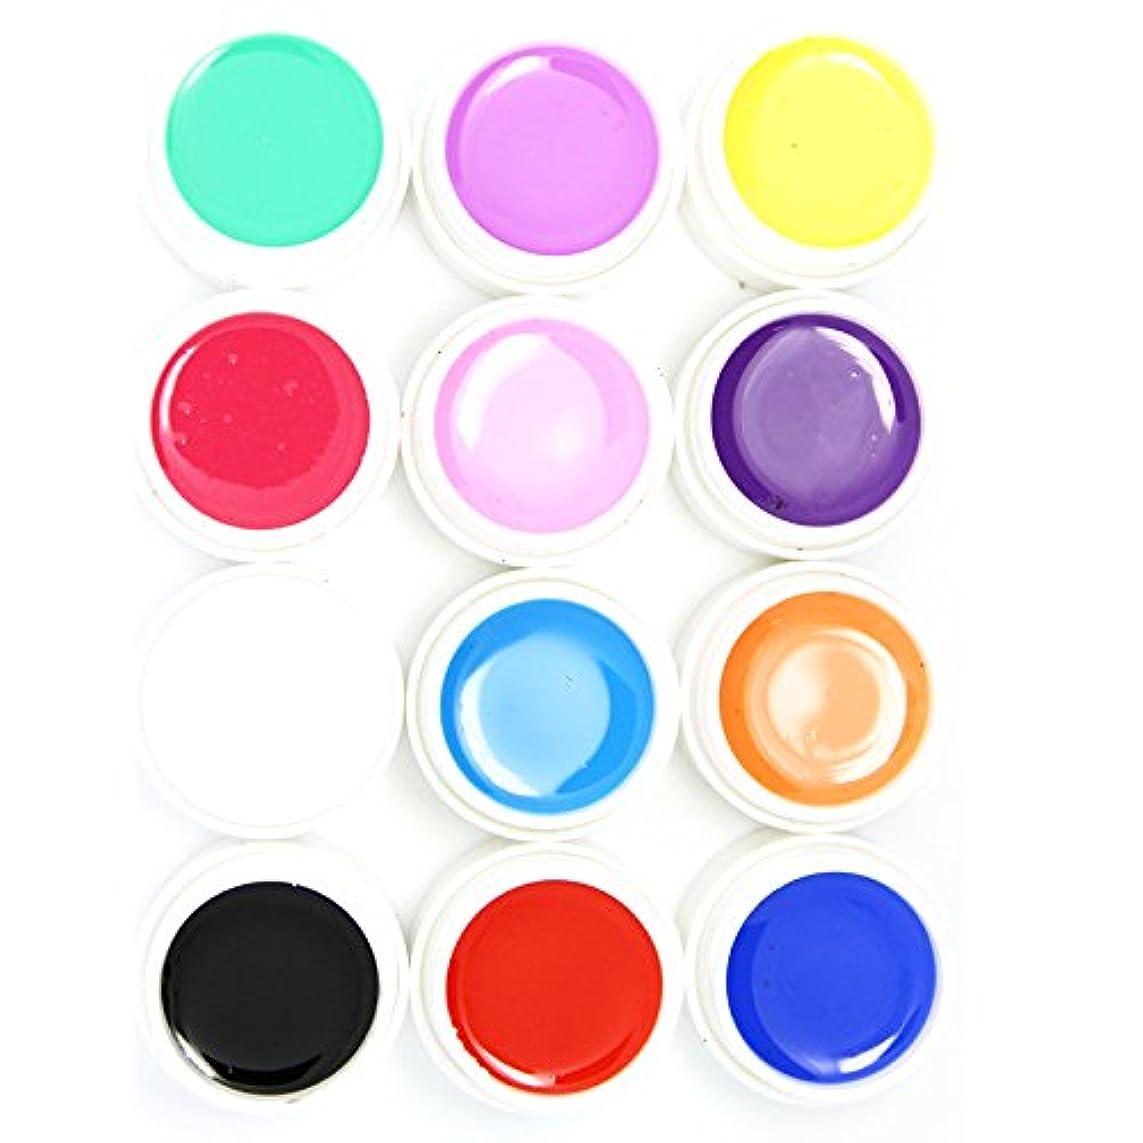 一口エキスパート不十分カラー ジェル UVジェル ネイルアート 発色綺麗 12色セット (1)